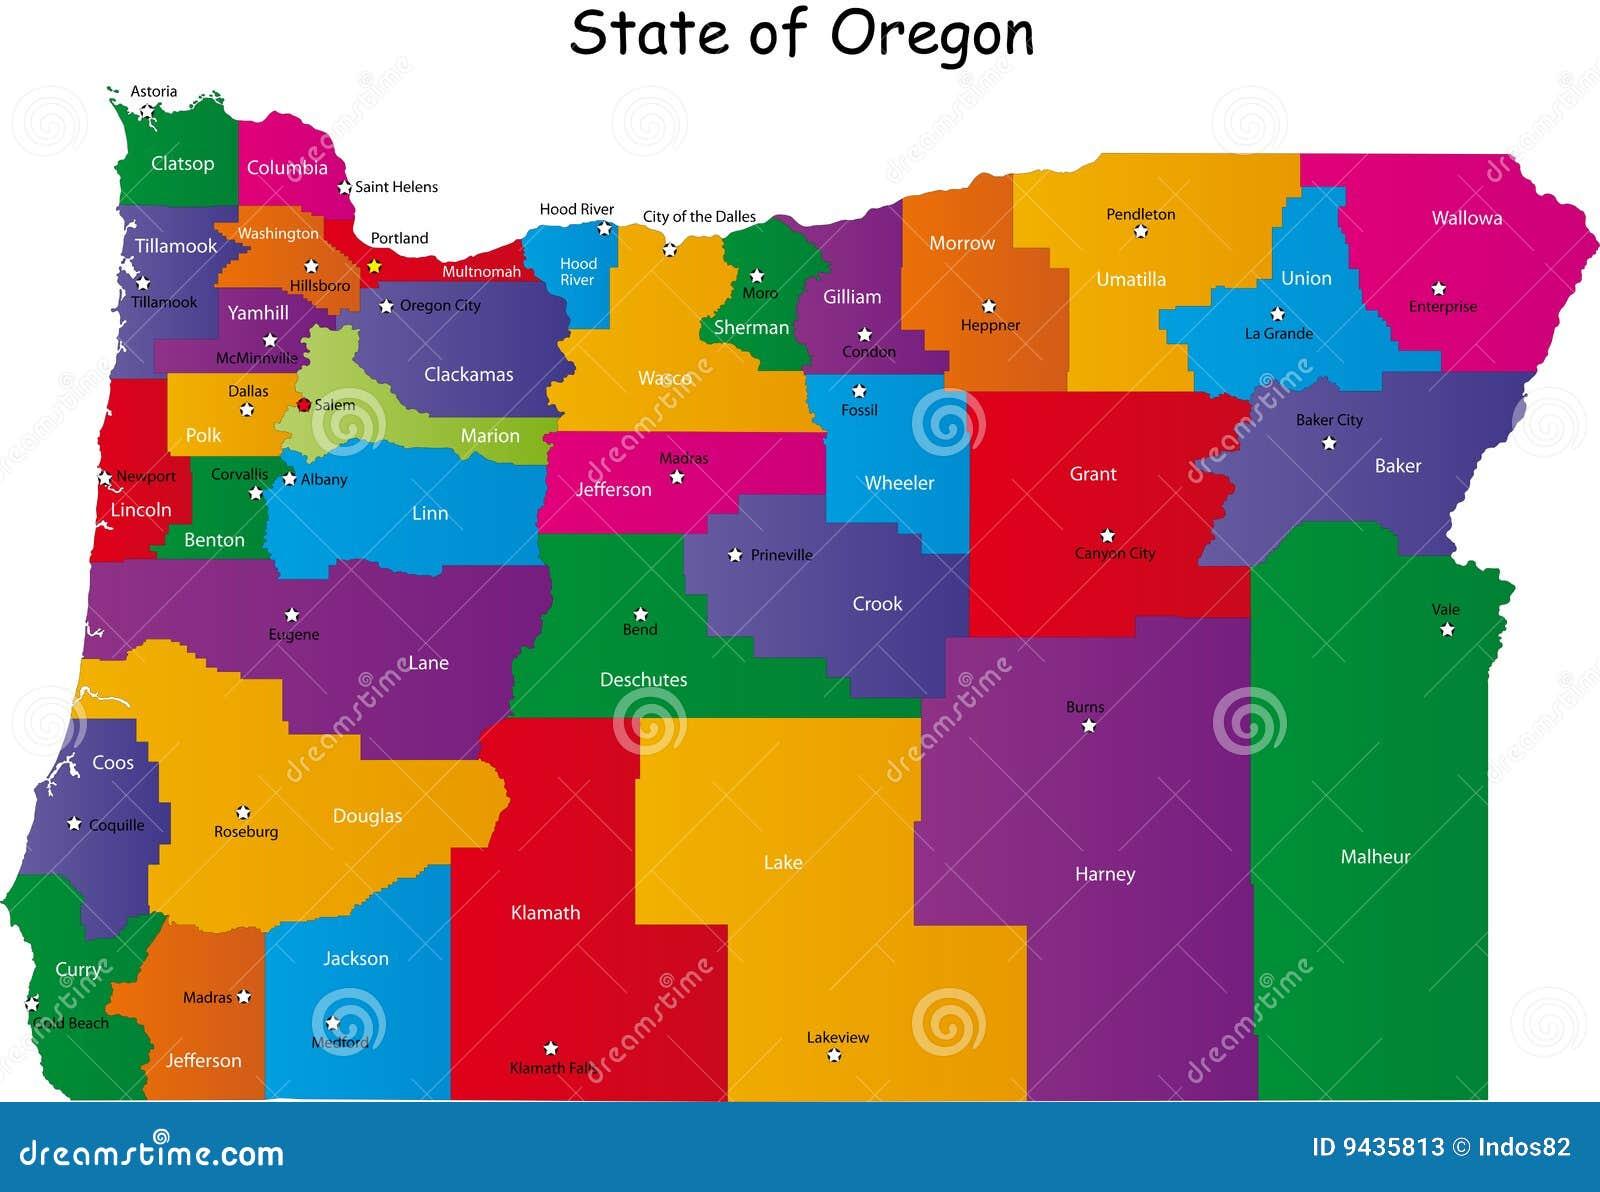 νόμοι της πολιτείας του Όρεγκον